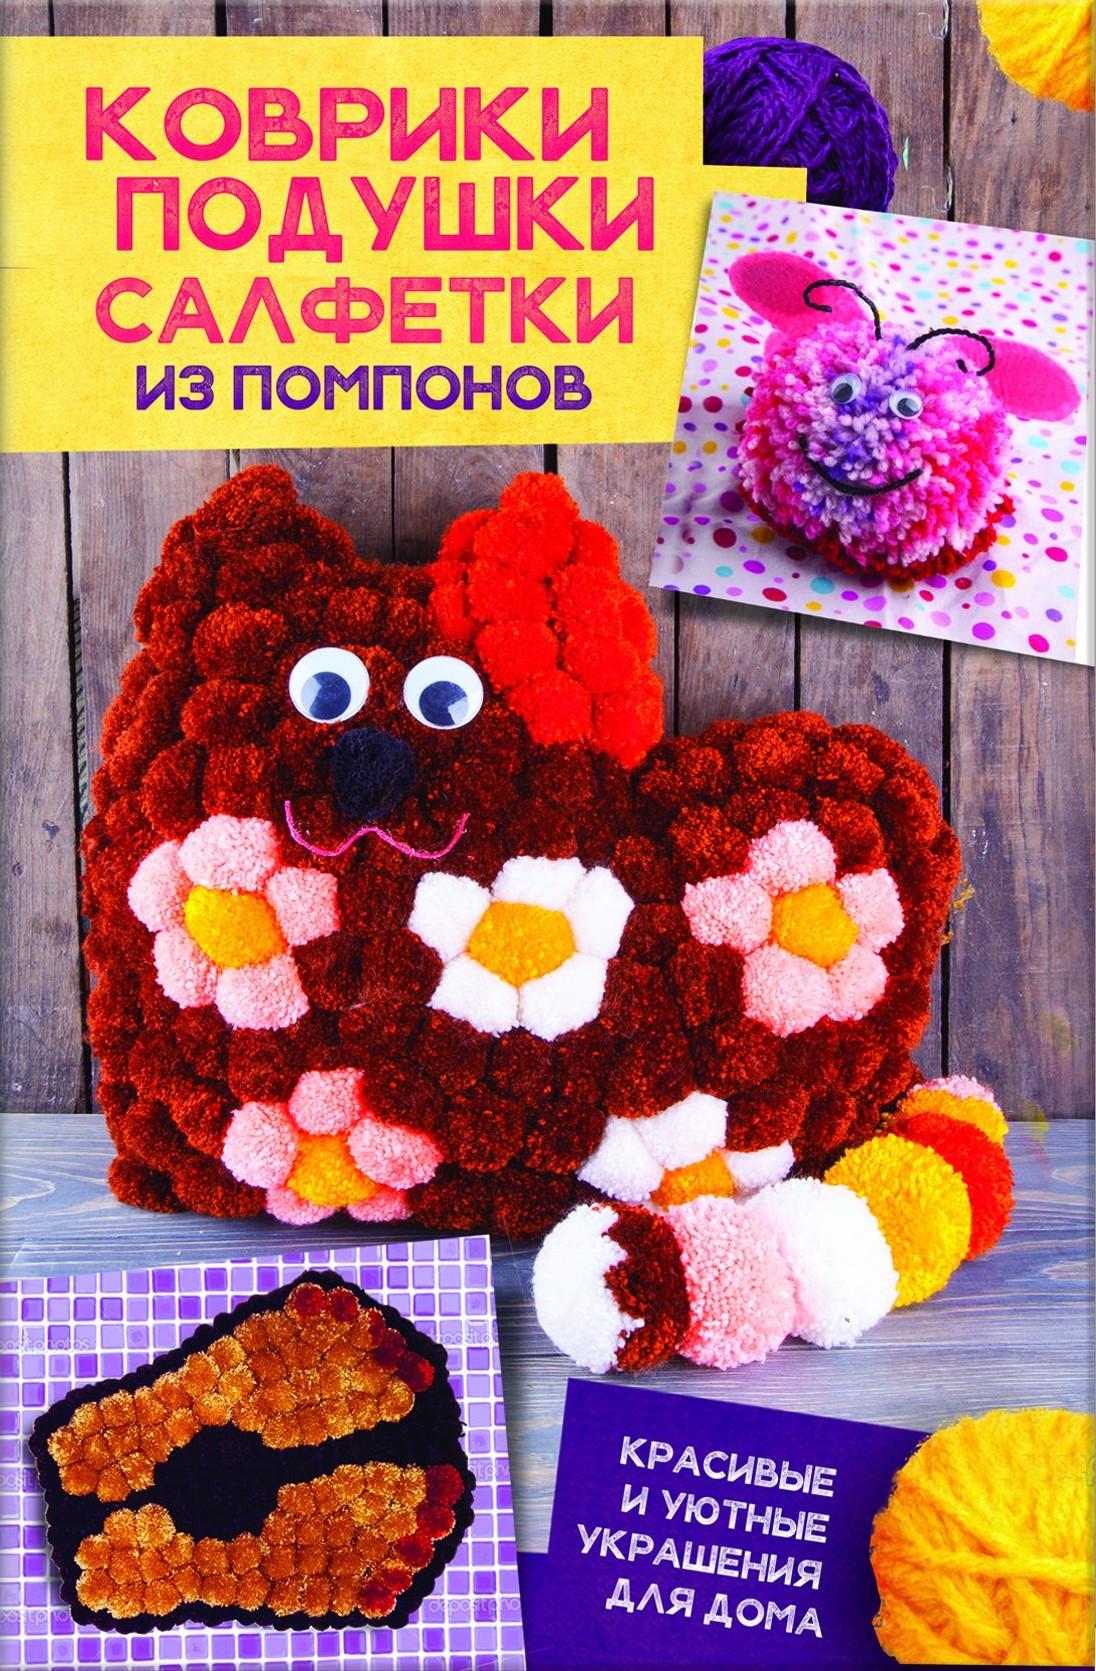 Ольга Кадникова Коврики, подушки, салфетки из помпонов. Красивые и уютные украшения для дома